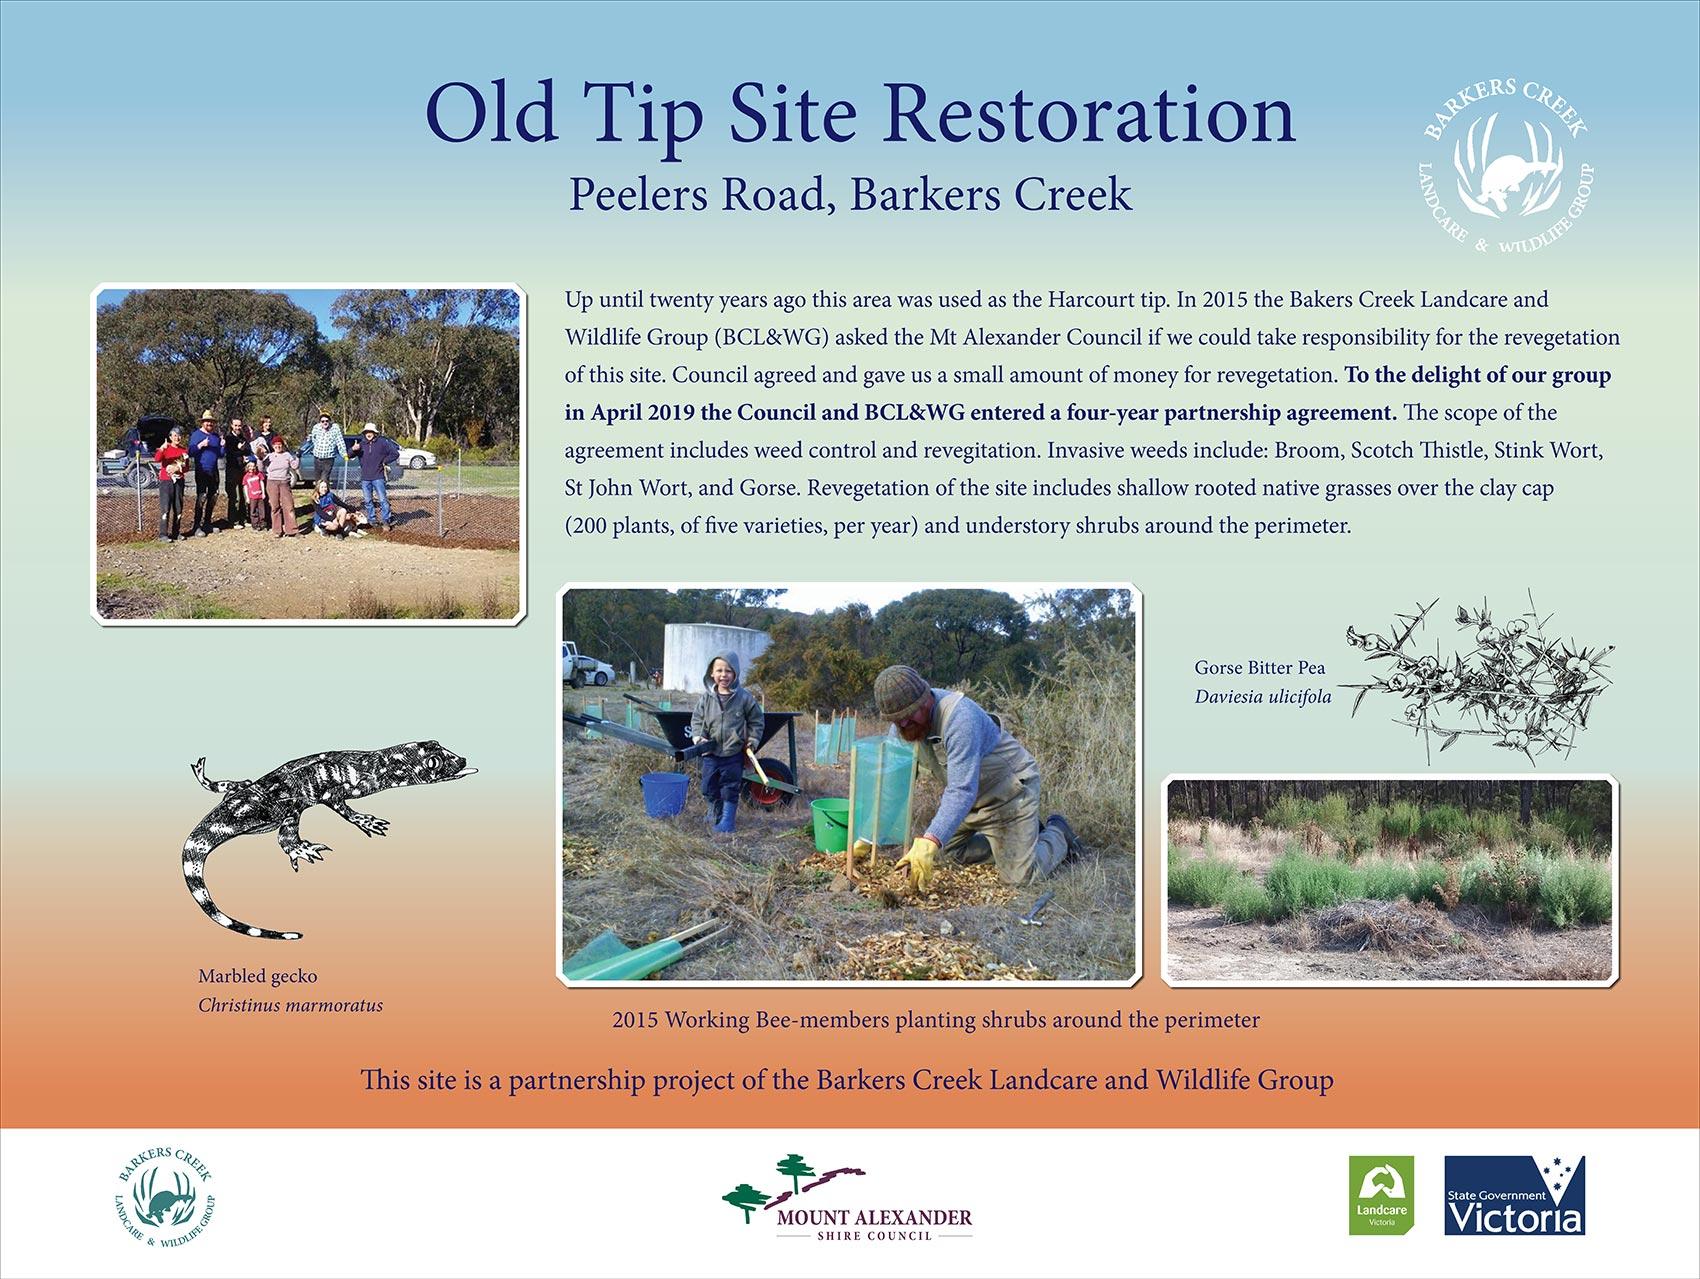 Signage at Old Tip Restoration Site